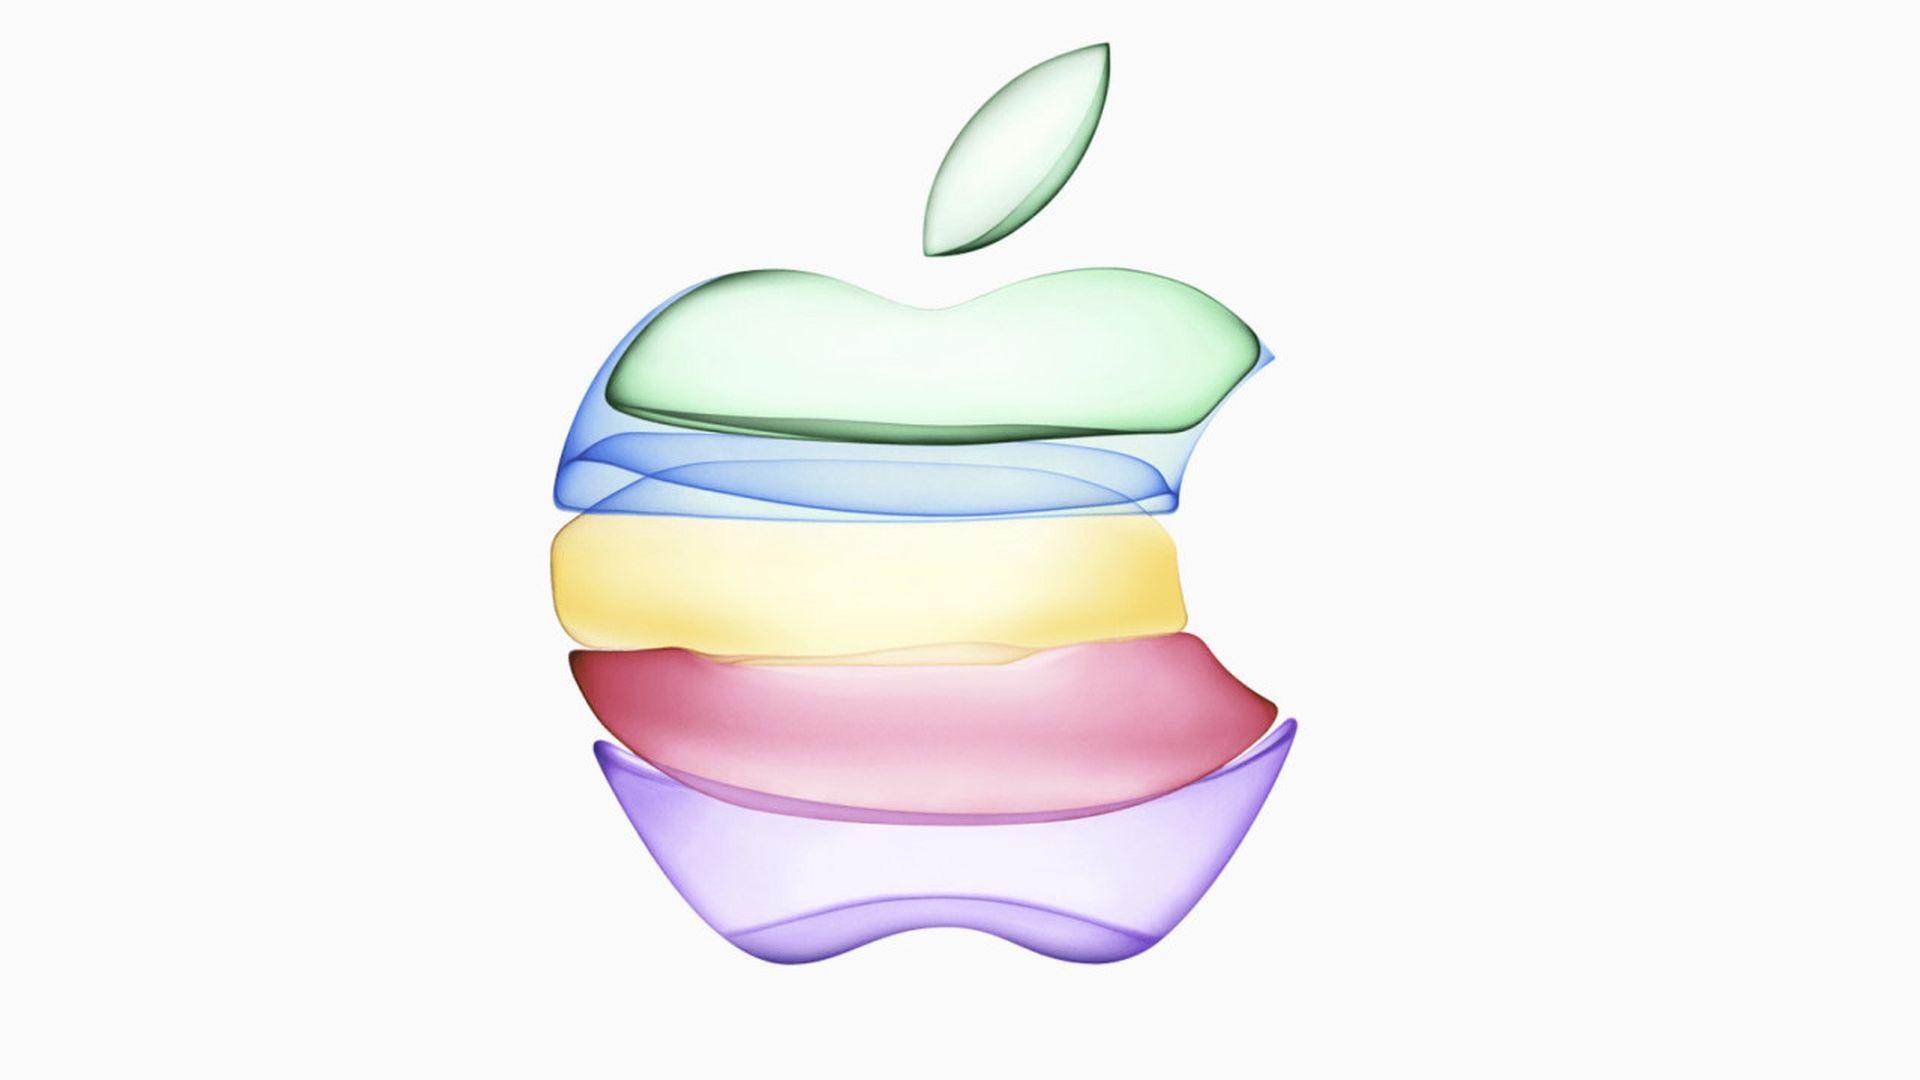 Firma Apple zaprasza na swoją konferencję 10 września